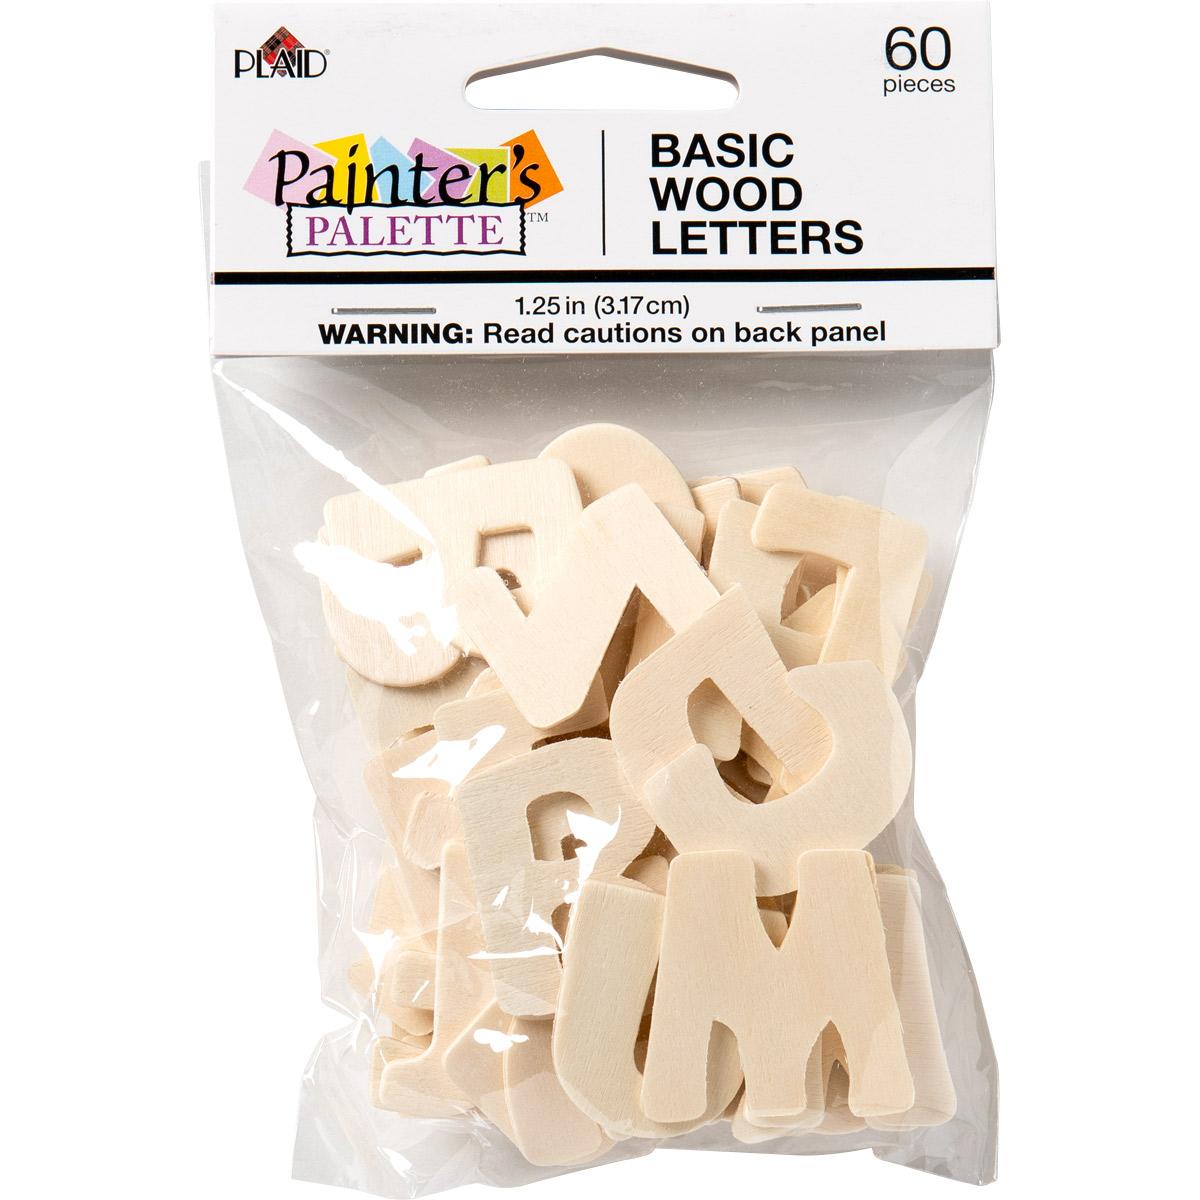 Plaid ® Painter's Palette™ Wood Letters, 1.25 inch, 60 pcs.